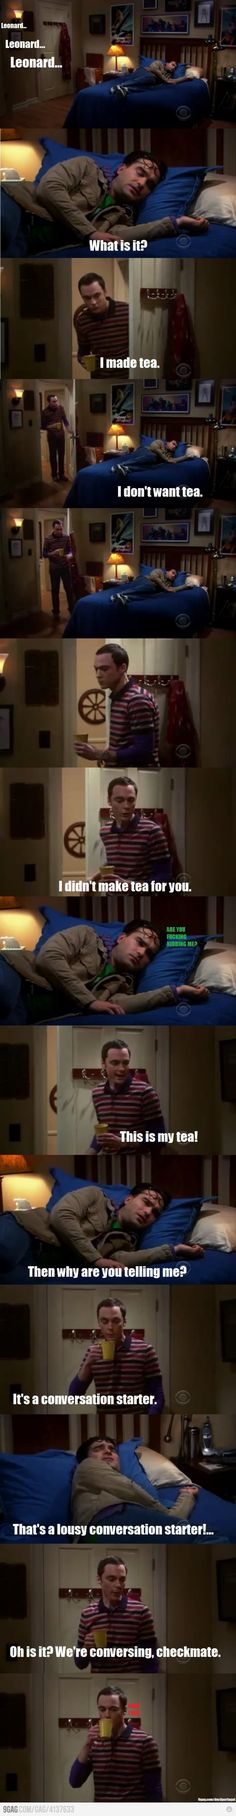 Sheldon being... Sheldon...